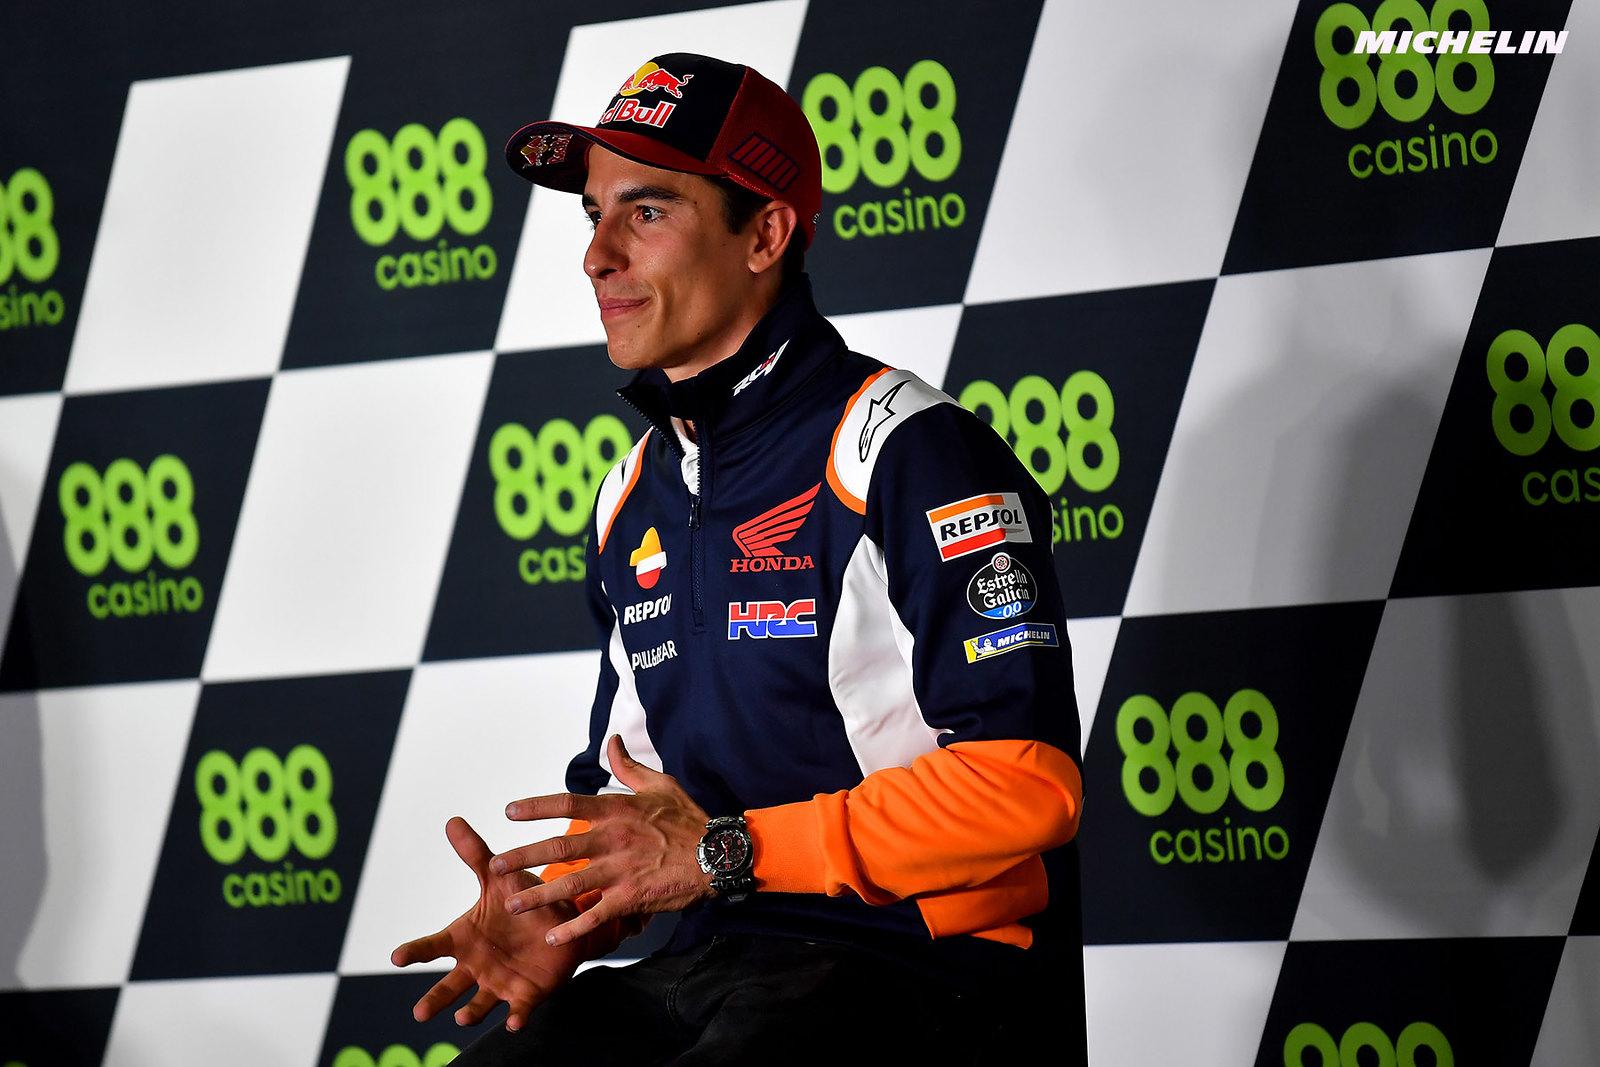 ポルトガルGP マルク・マルケス「腕が元通りになるかわからない不安の中で過ごした」